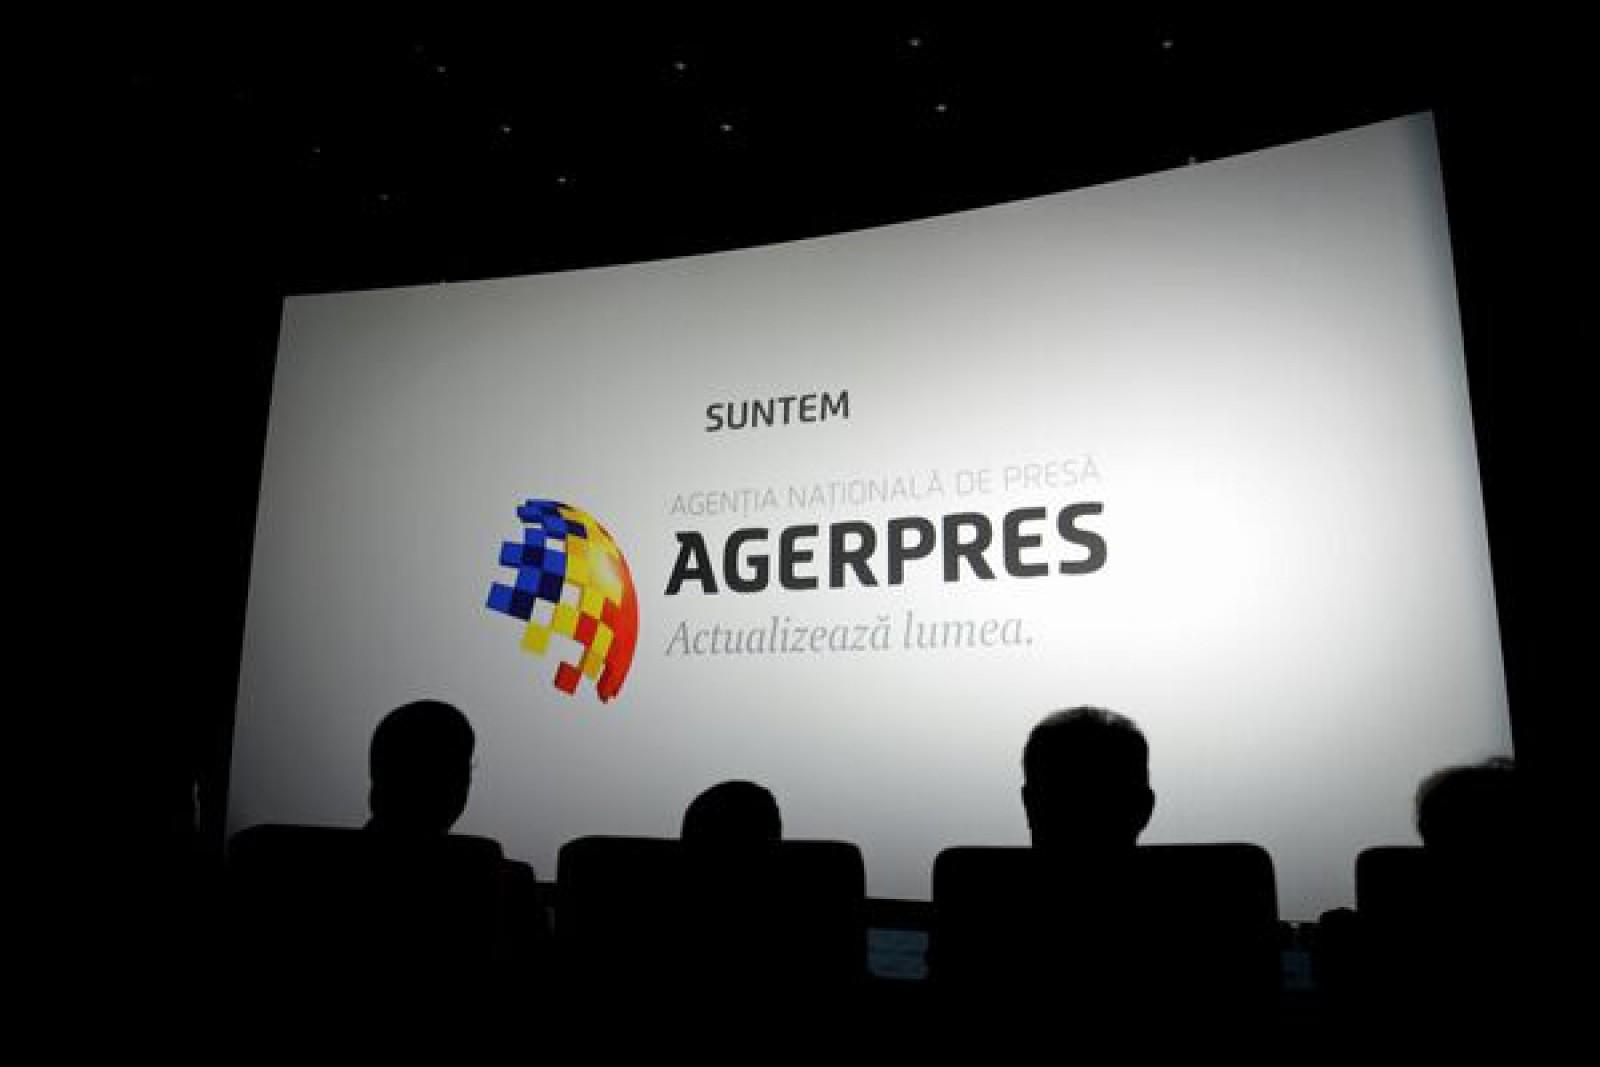 România: A fost respins un amendament la bugetul Agerpres, care prevedea dezvoltarea unei rețele de corespondenți în Republica Moldova